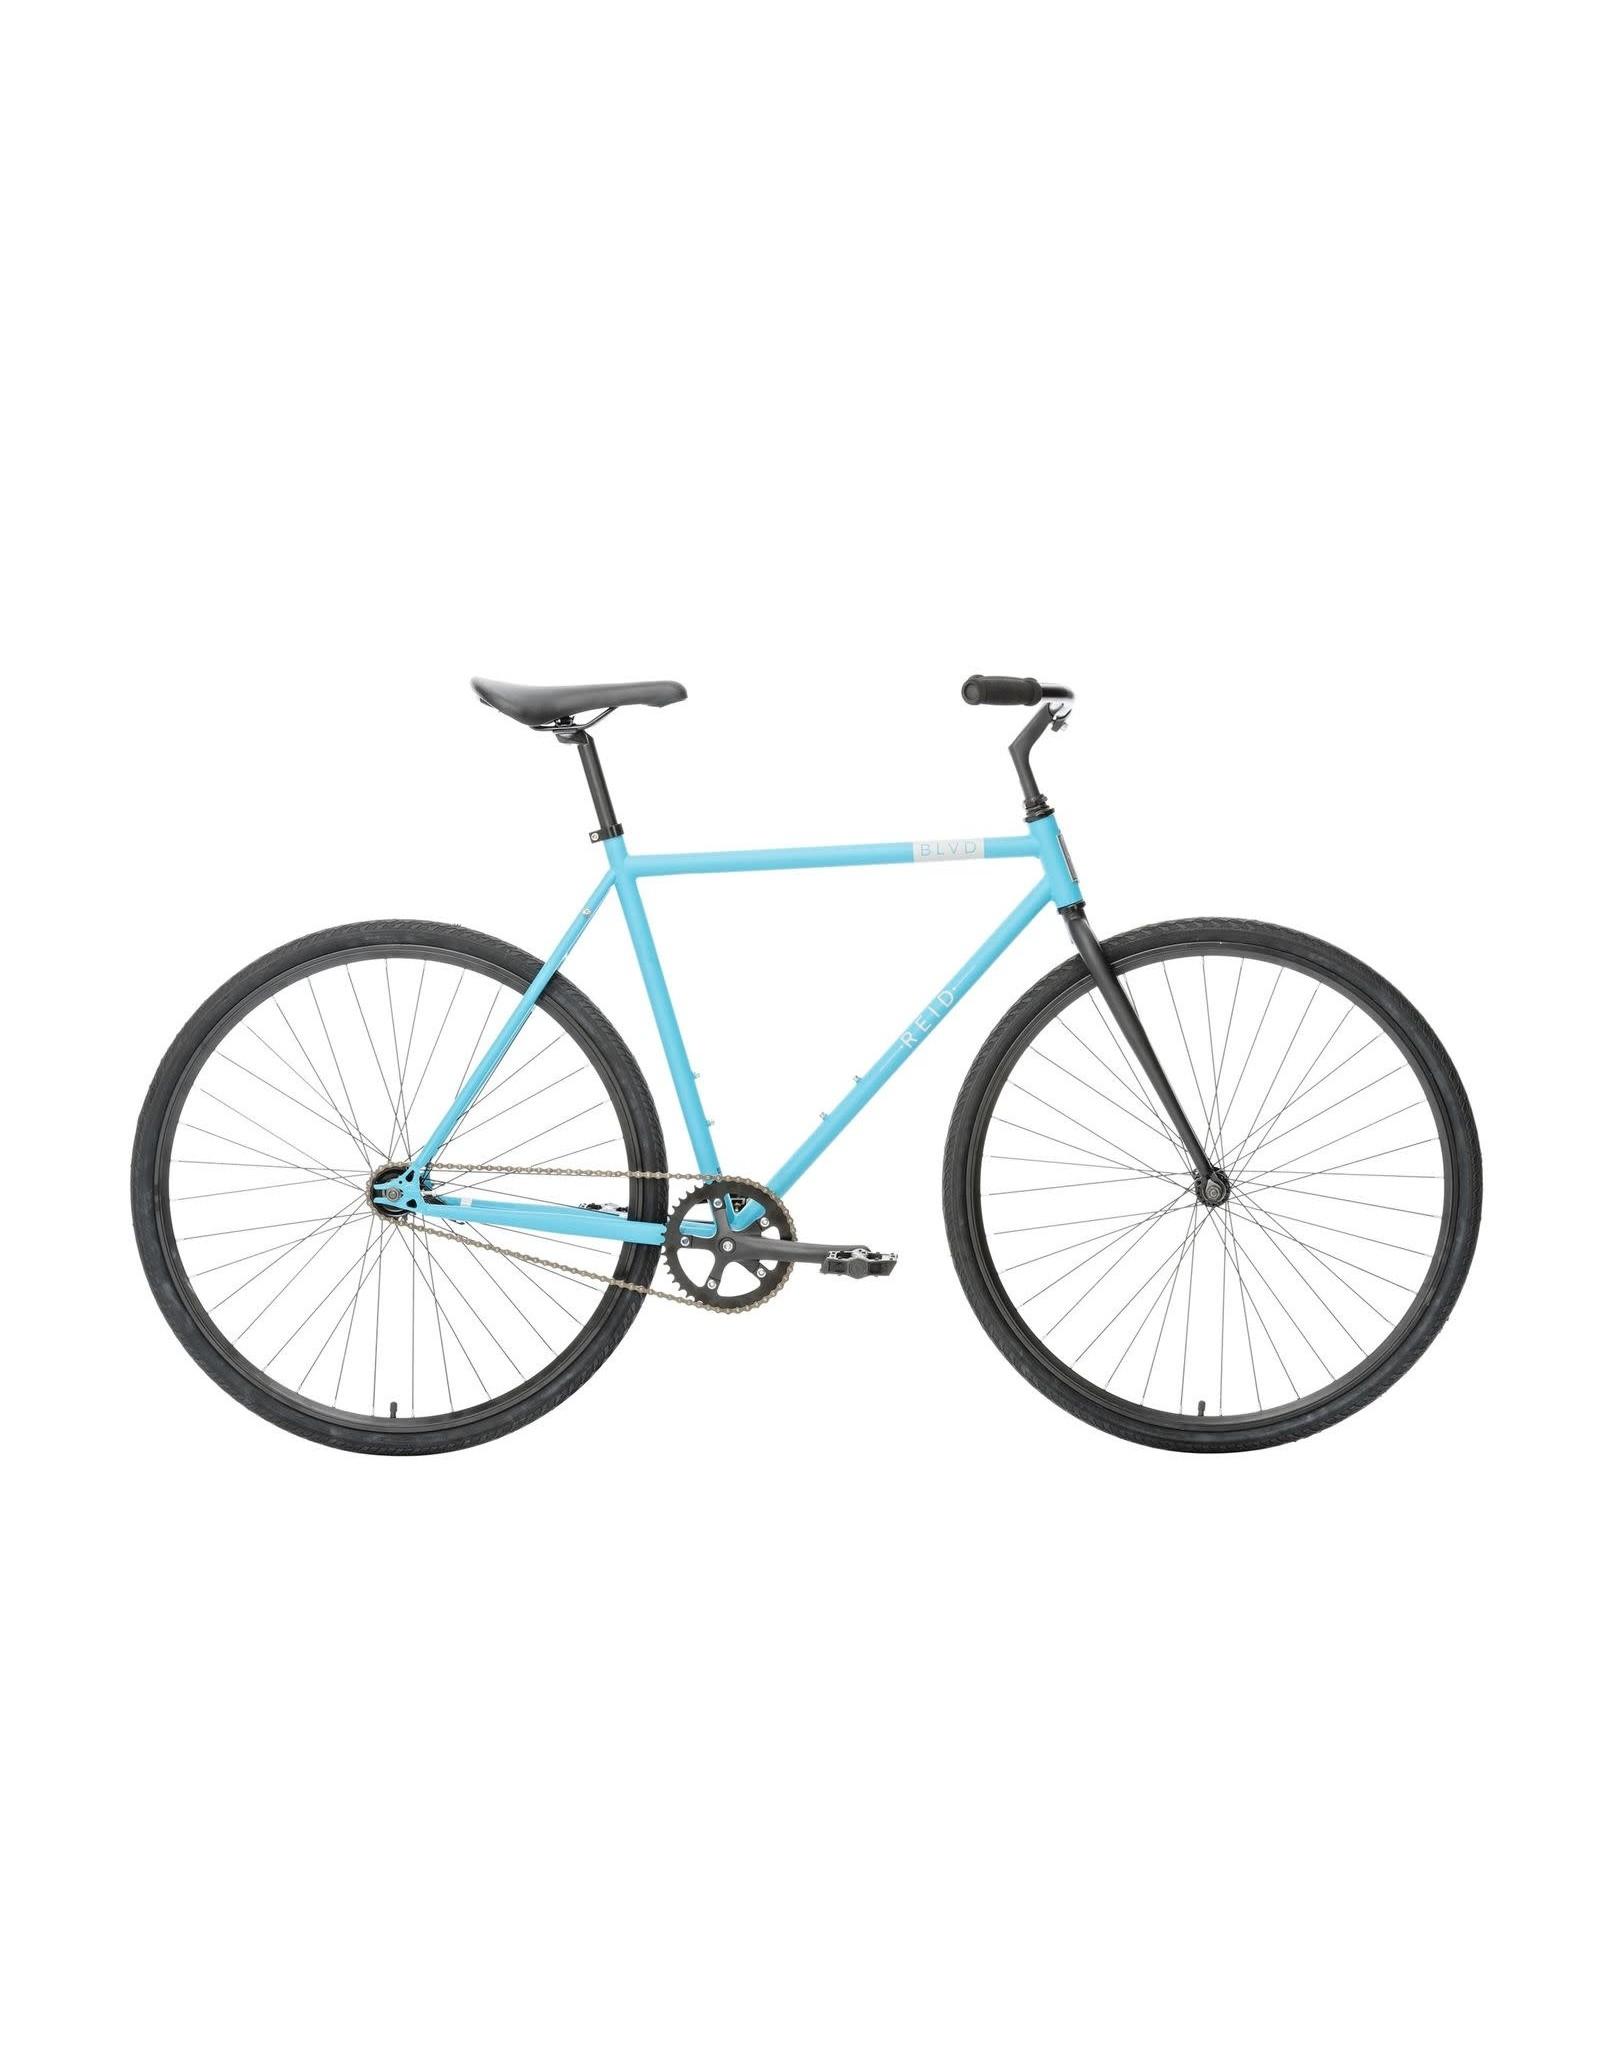 Reid BLVD Single Speed Bike